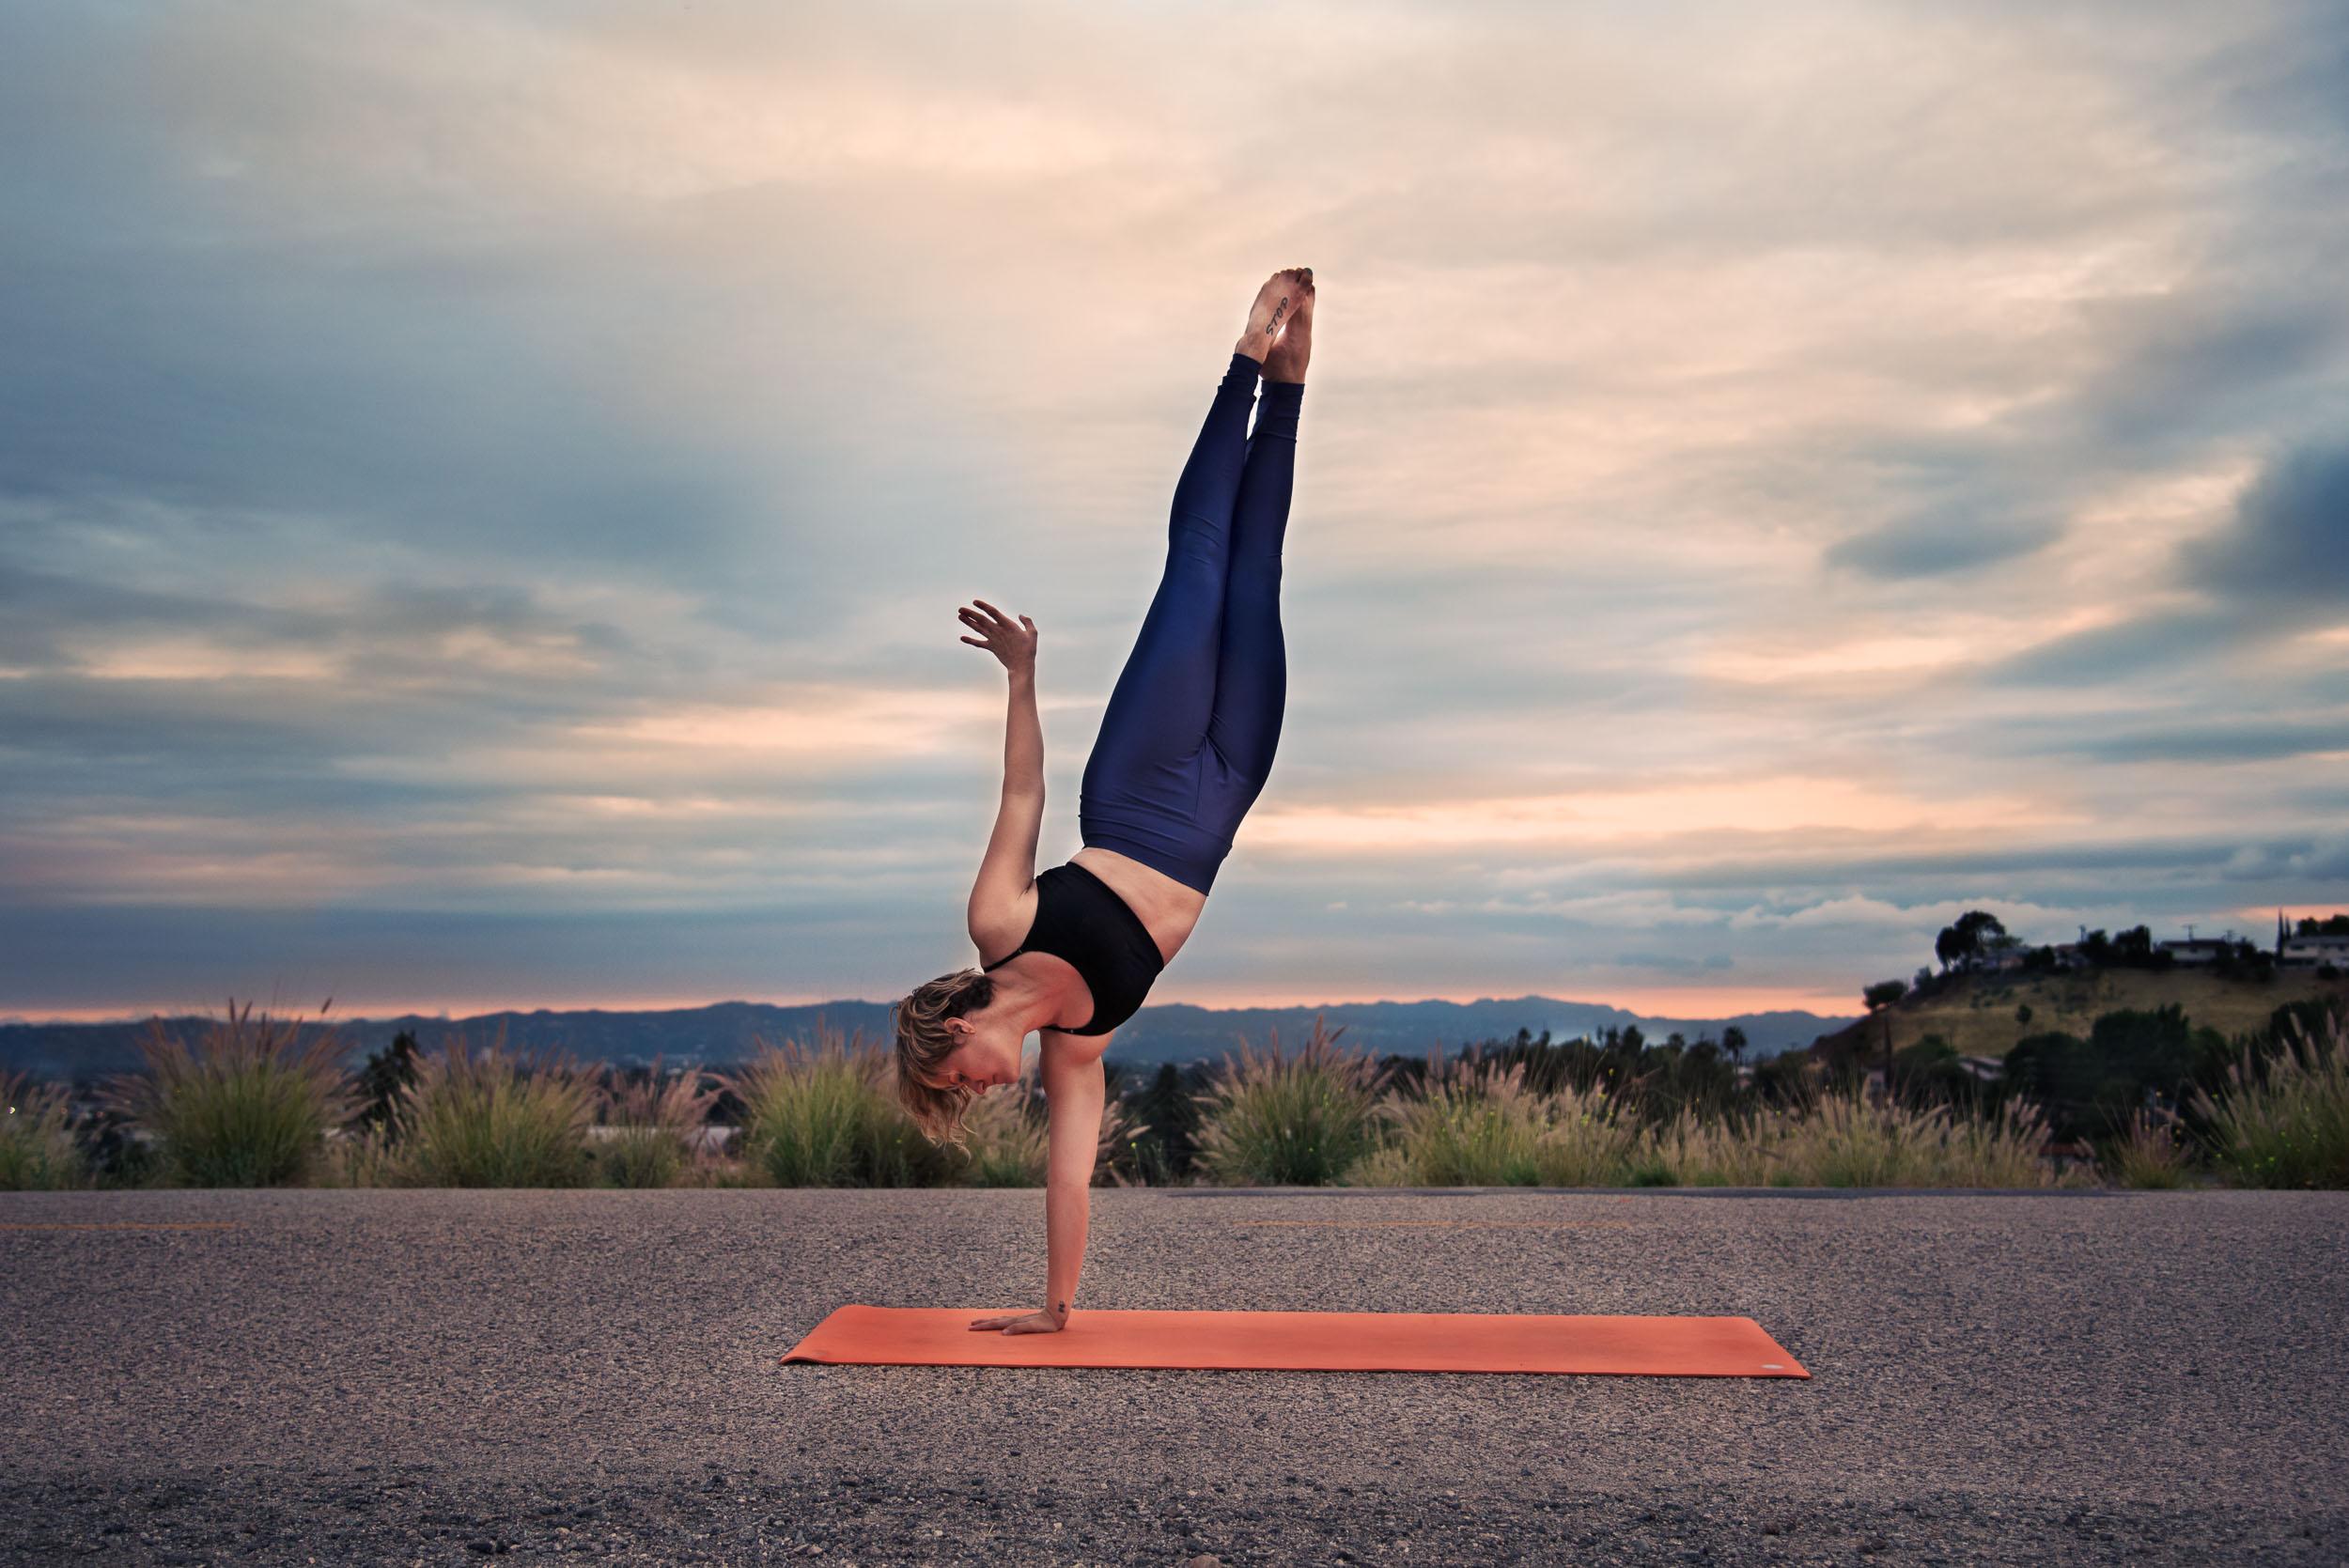 HB_Kacie_Yoga_2016_3057.jpg